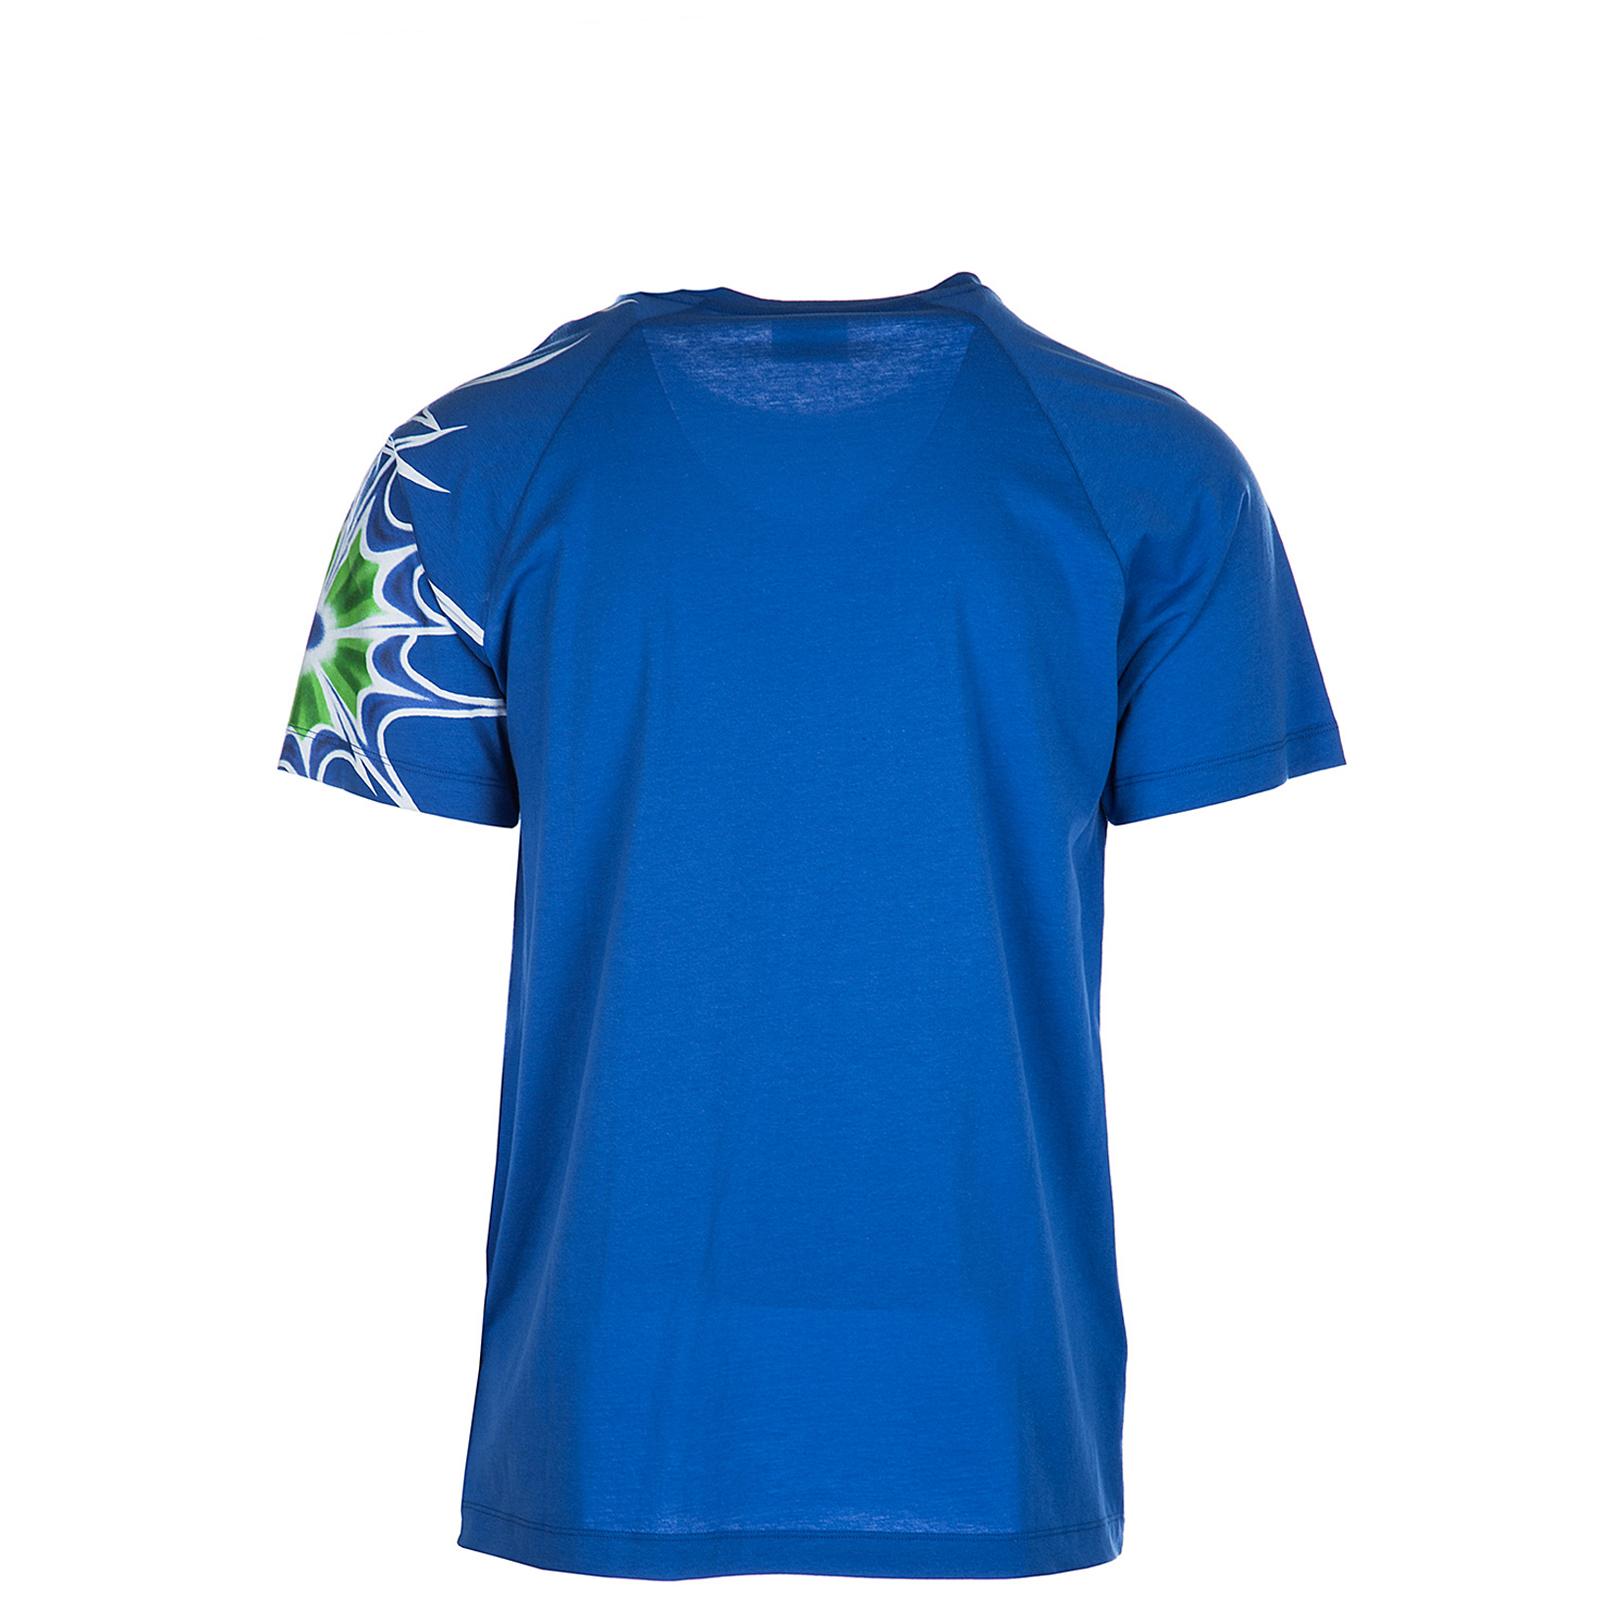 T-shirt manches courtes ras du cou homme beachwear